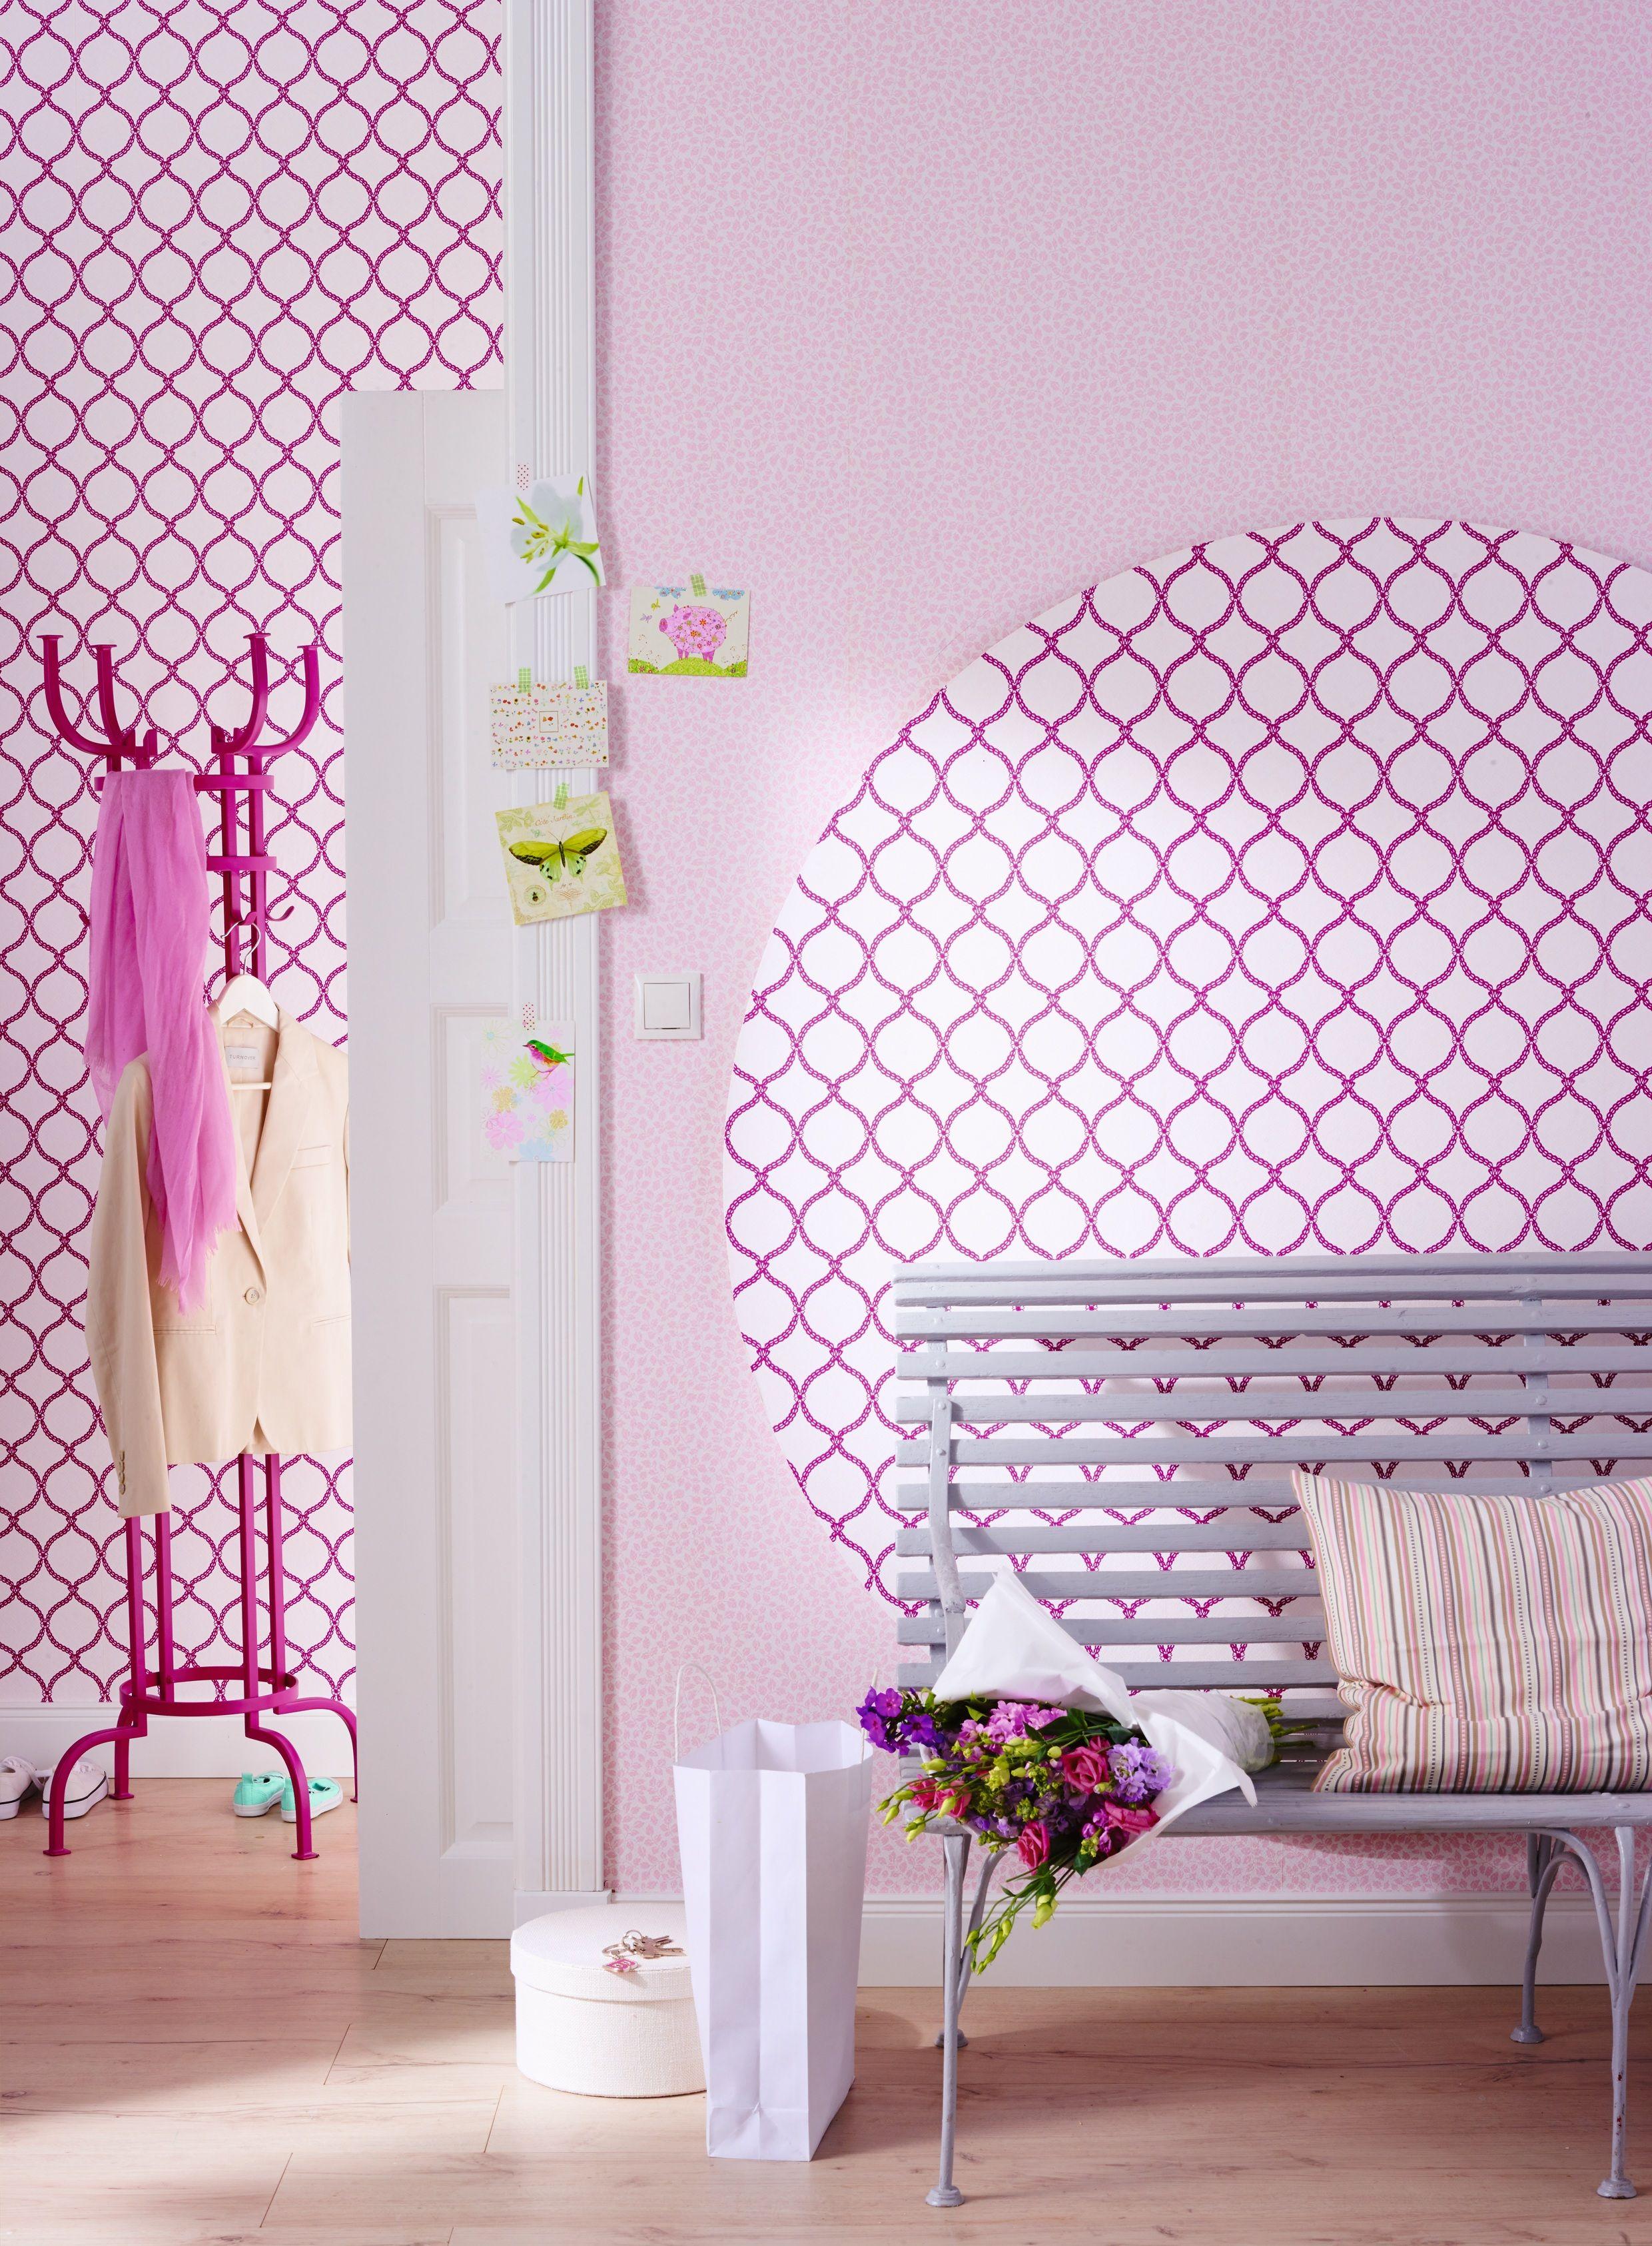 auch mit einer runden sperrholzplatte lassen sich akzente setzen mit gew nschten muster. Black Bedroom Furniture Sets. Home Design Ideas